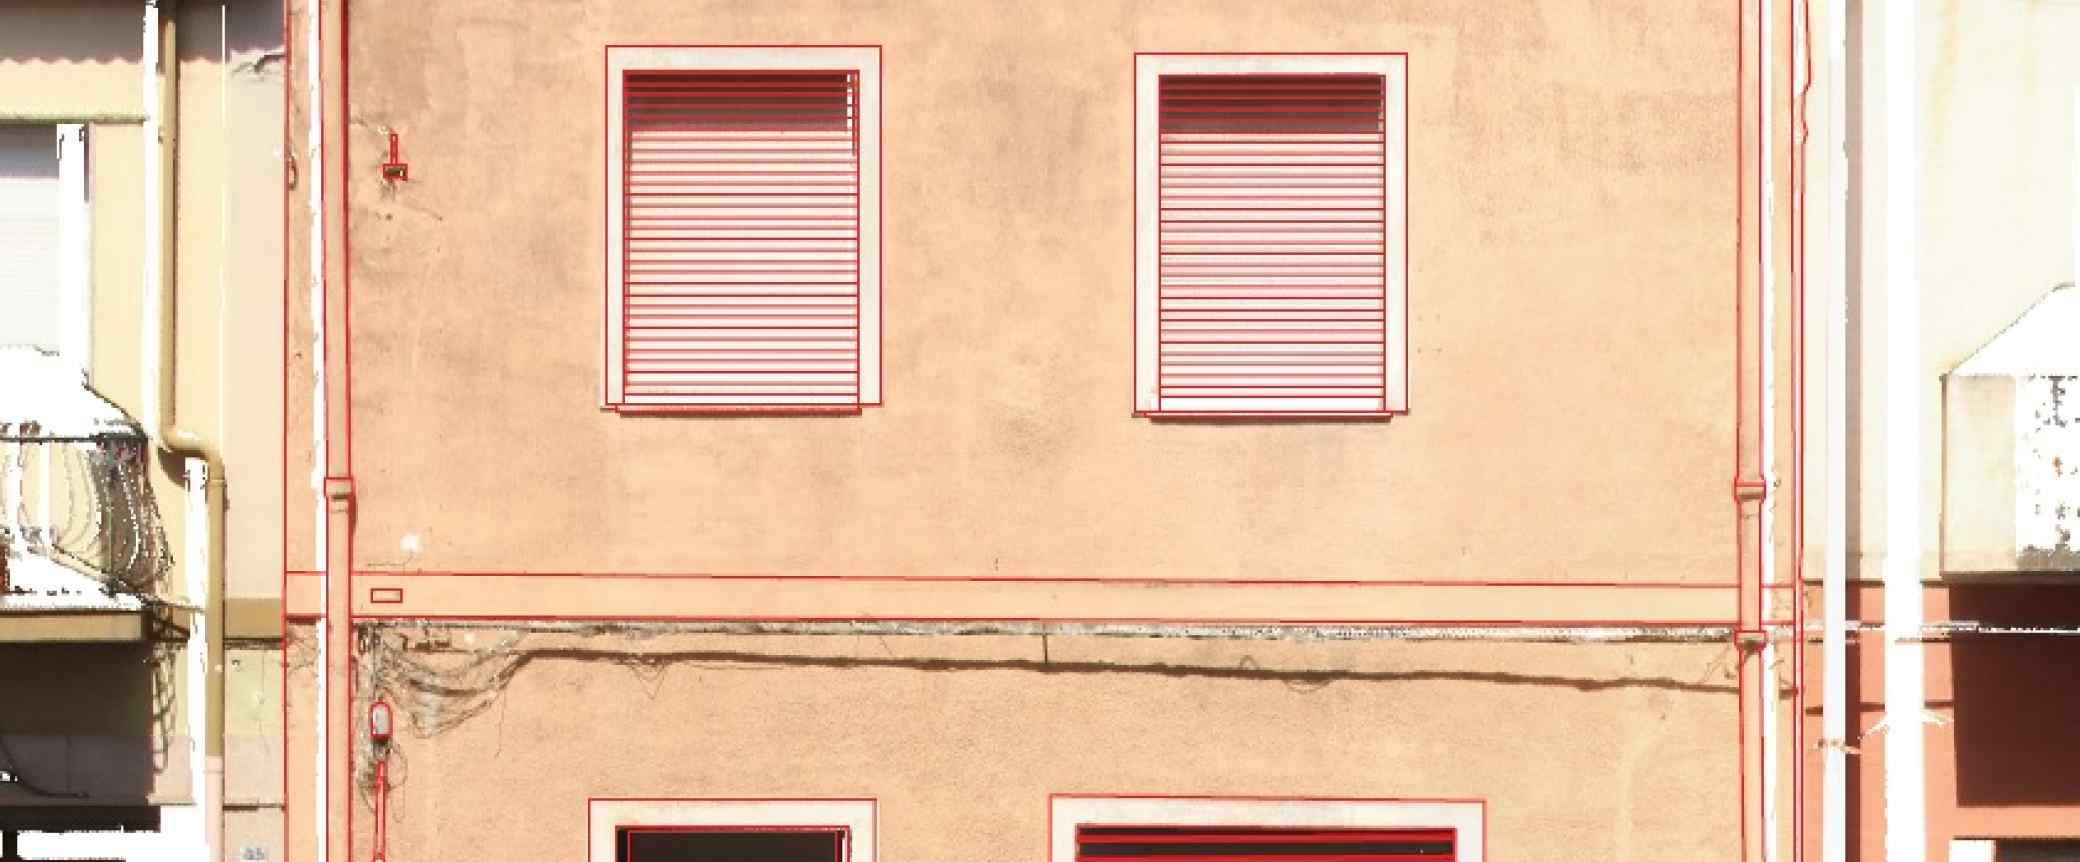 Con l'ausilio dell'immagine si rendono facilmente rilevabili zone di particolare interesse e che presentano, per esempio, colorazioni differenti, parti demolite e parti ripristinate.